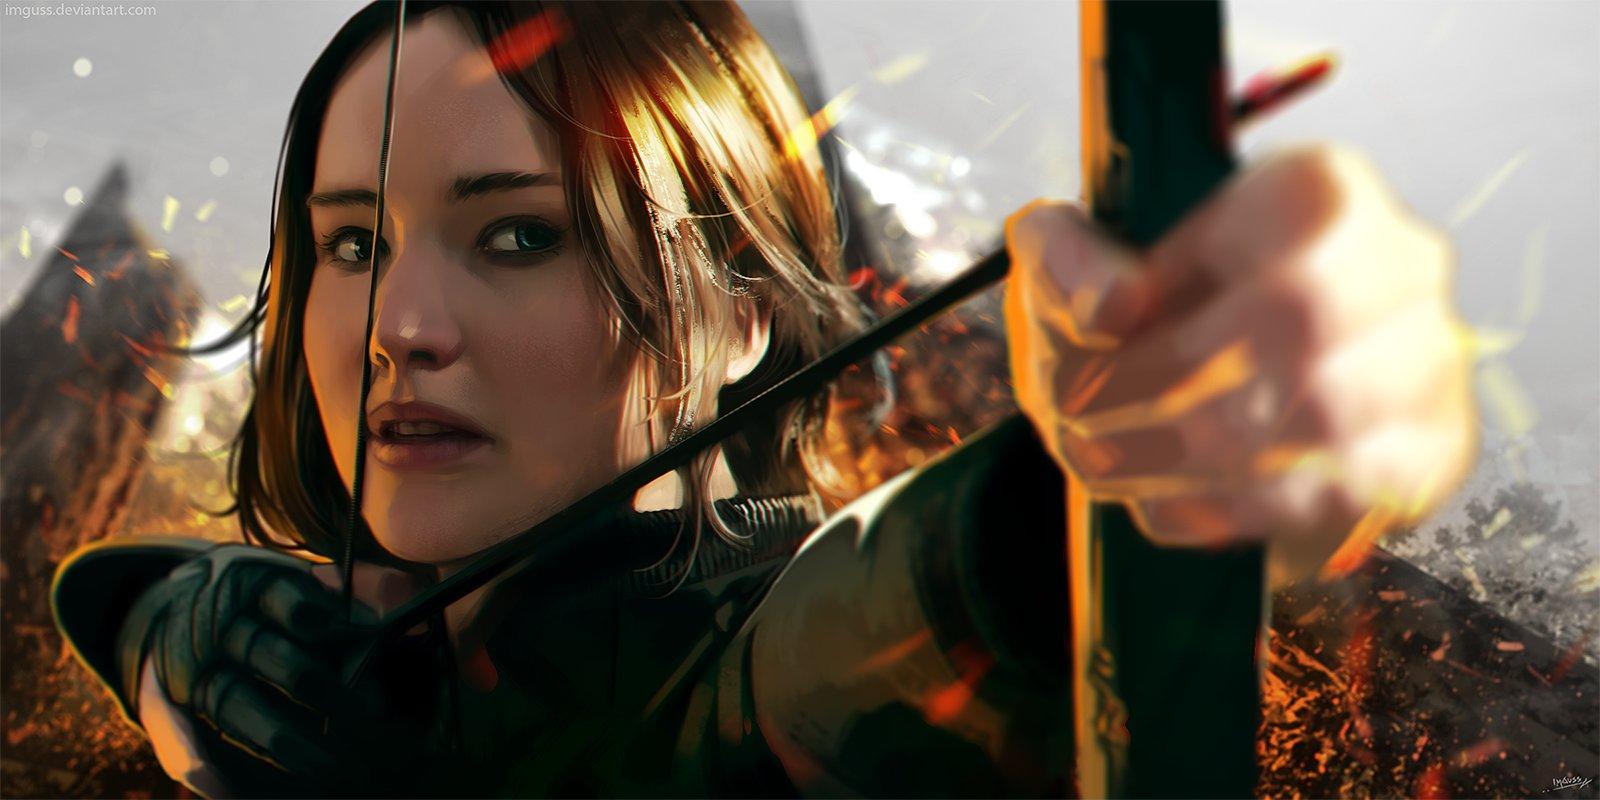 Katniss Everdeen (Mockingjay)